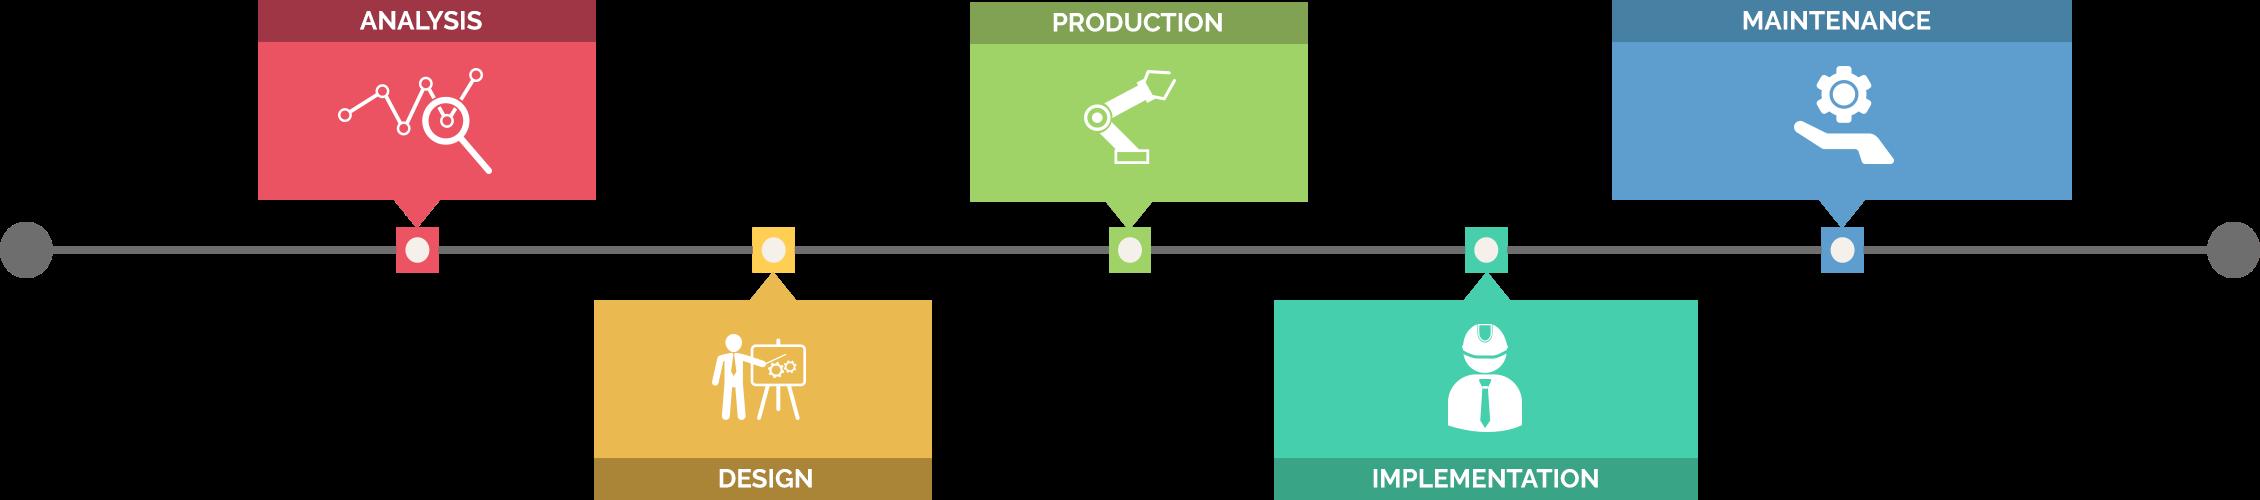 Arionex Process